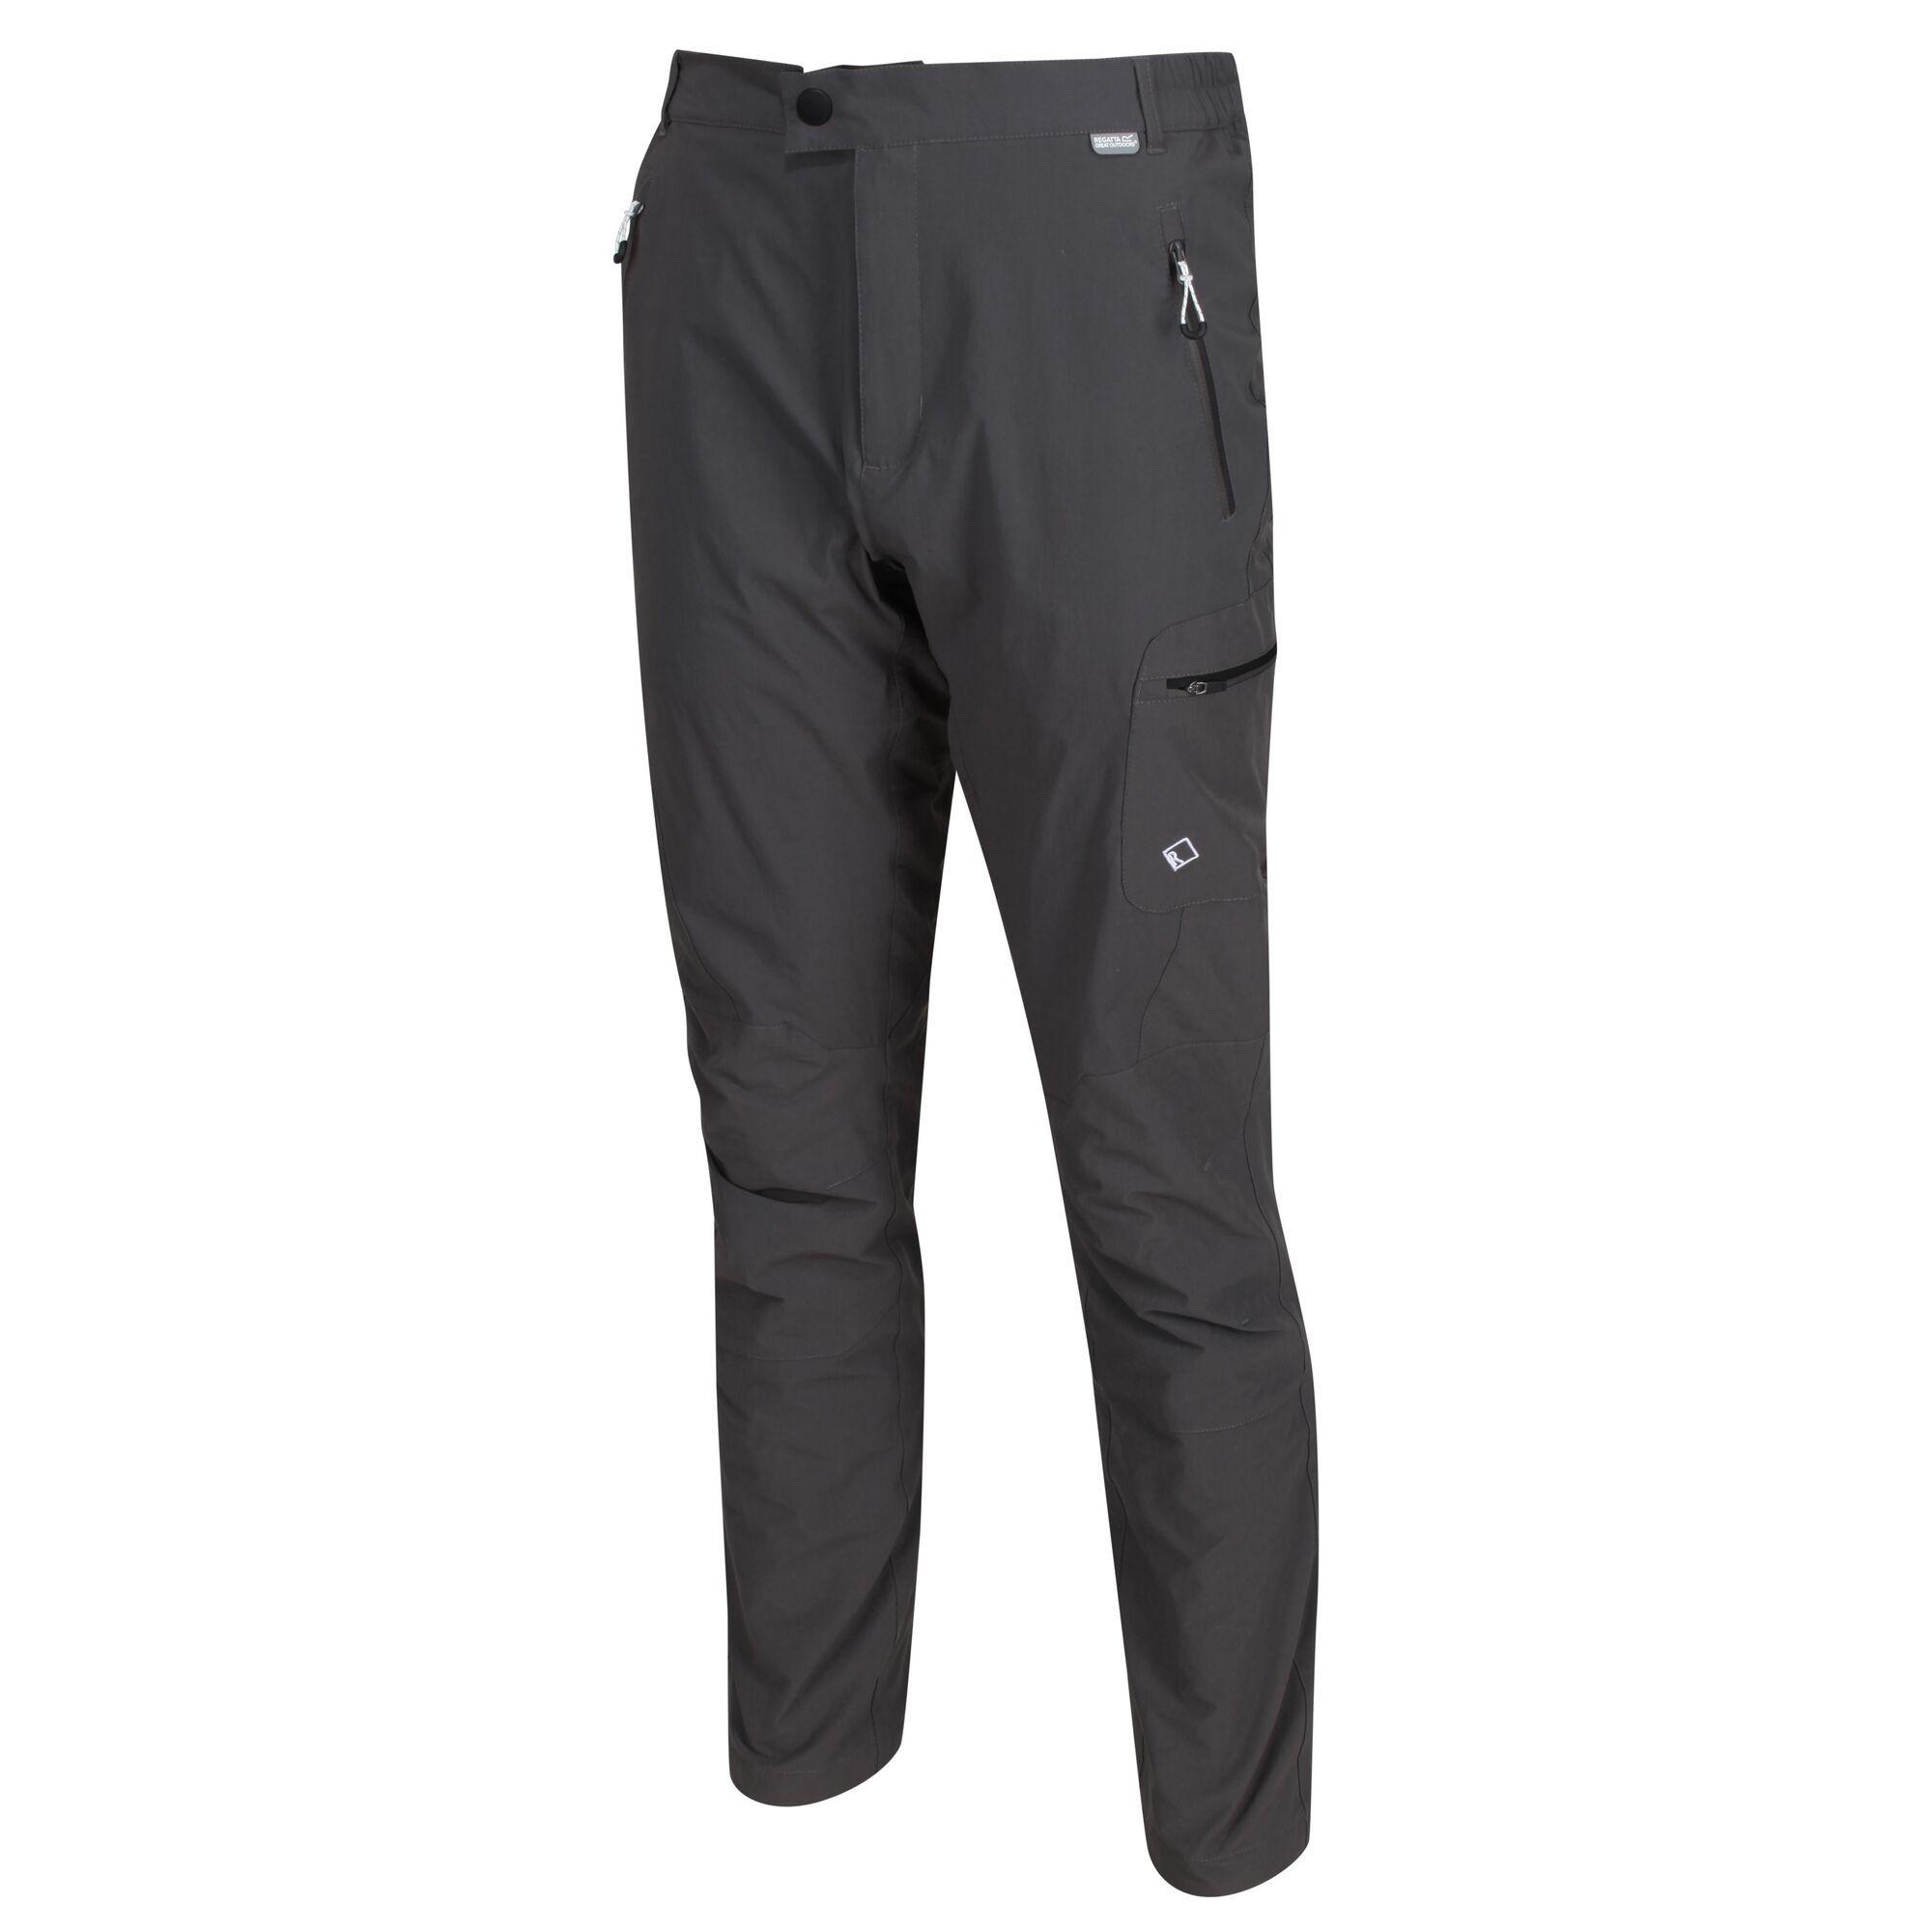 Men's Waterproof Trousers